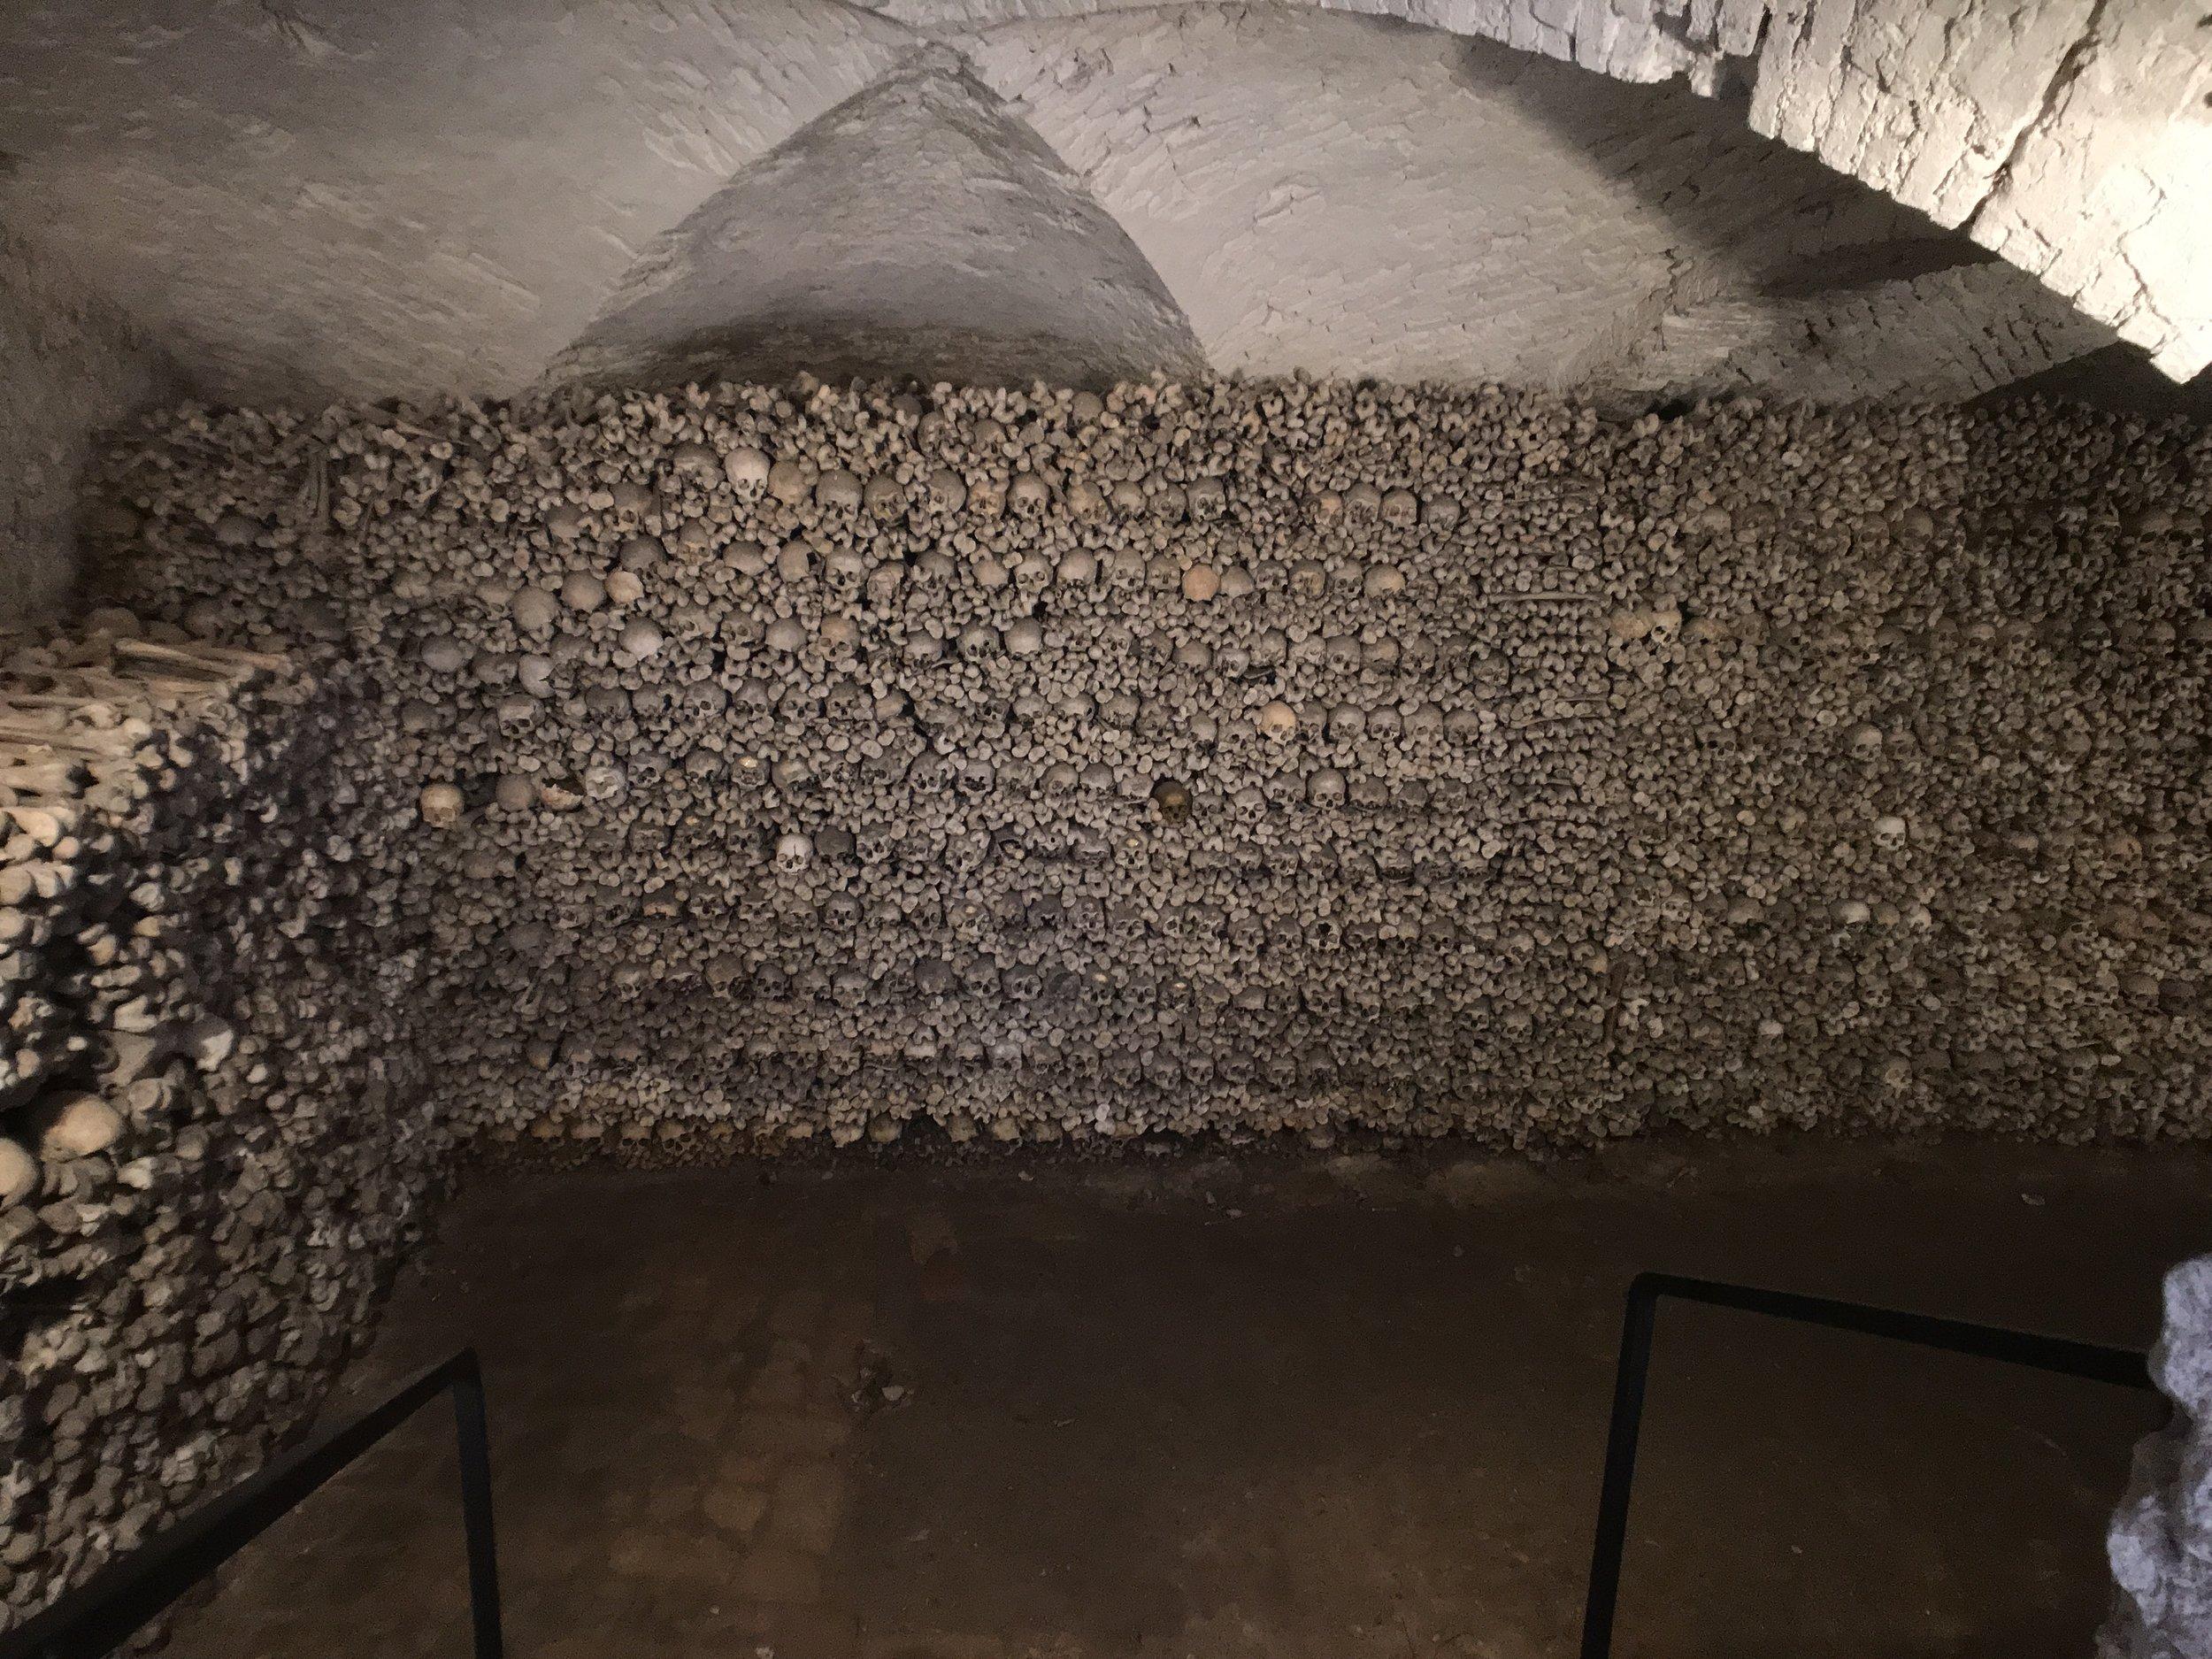 Gebeinekammer mit 20.000 Knochen der Gebeine aus den Jahren 1400 bis 1750.